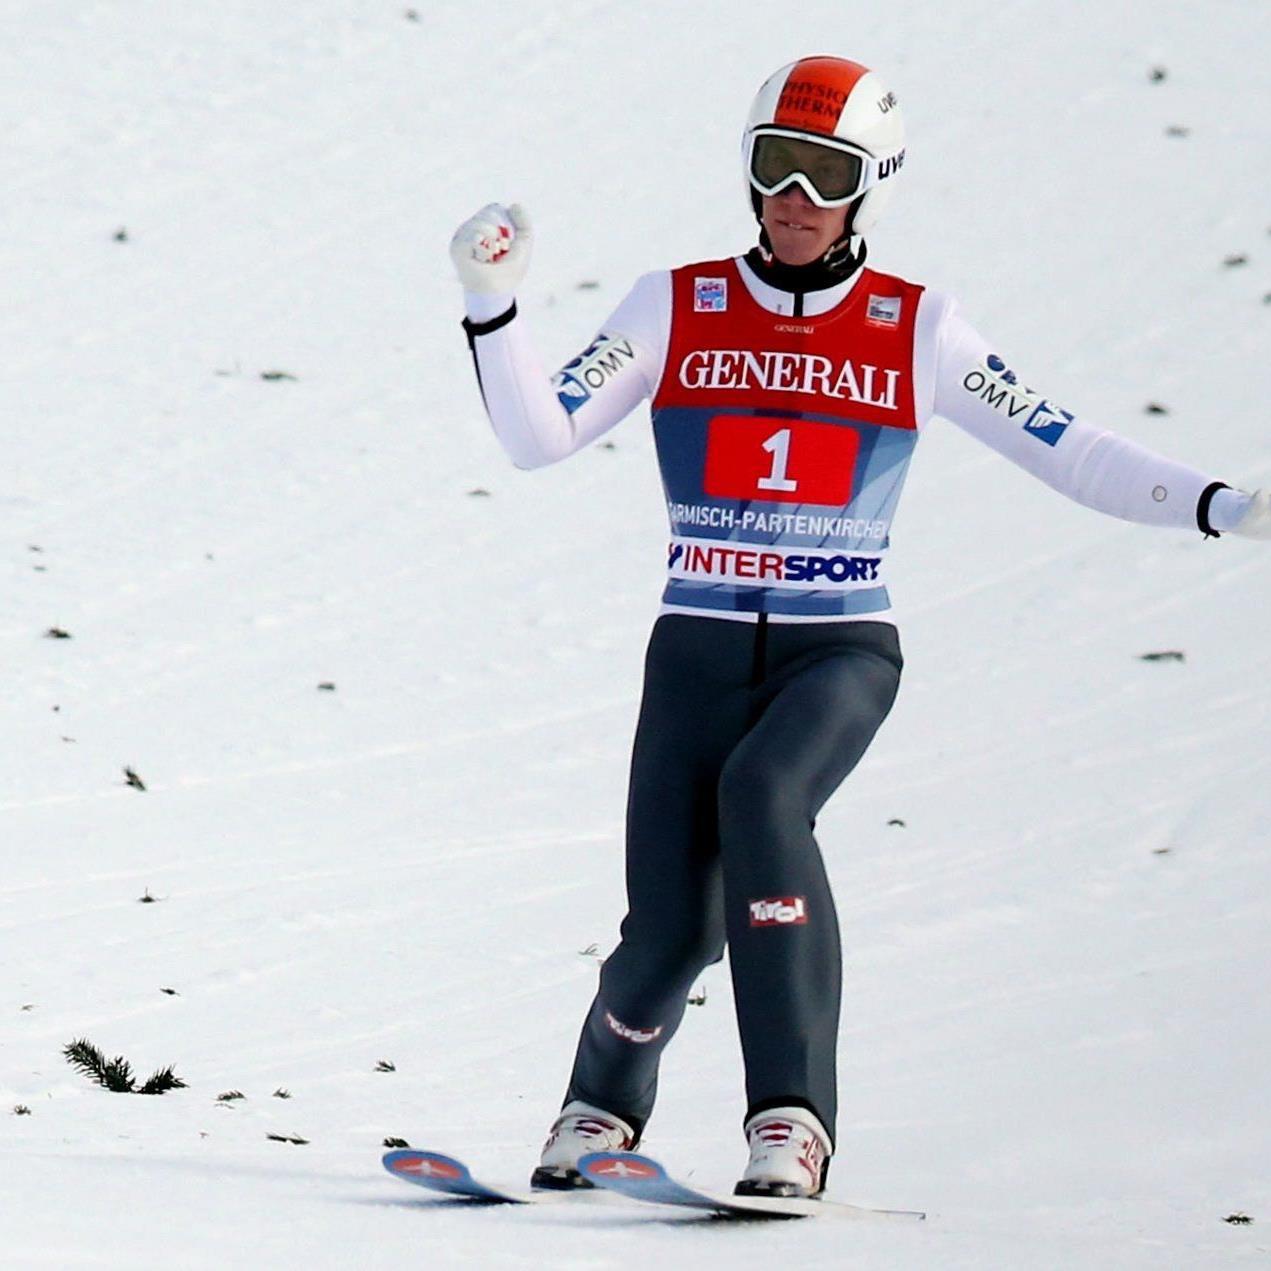 Thomas Diethard gewinnt das Neujahrsspringen in Garmisch-Partenkirchen.